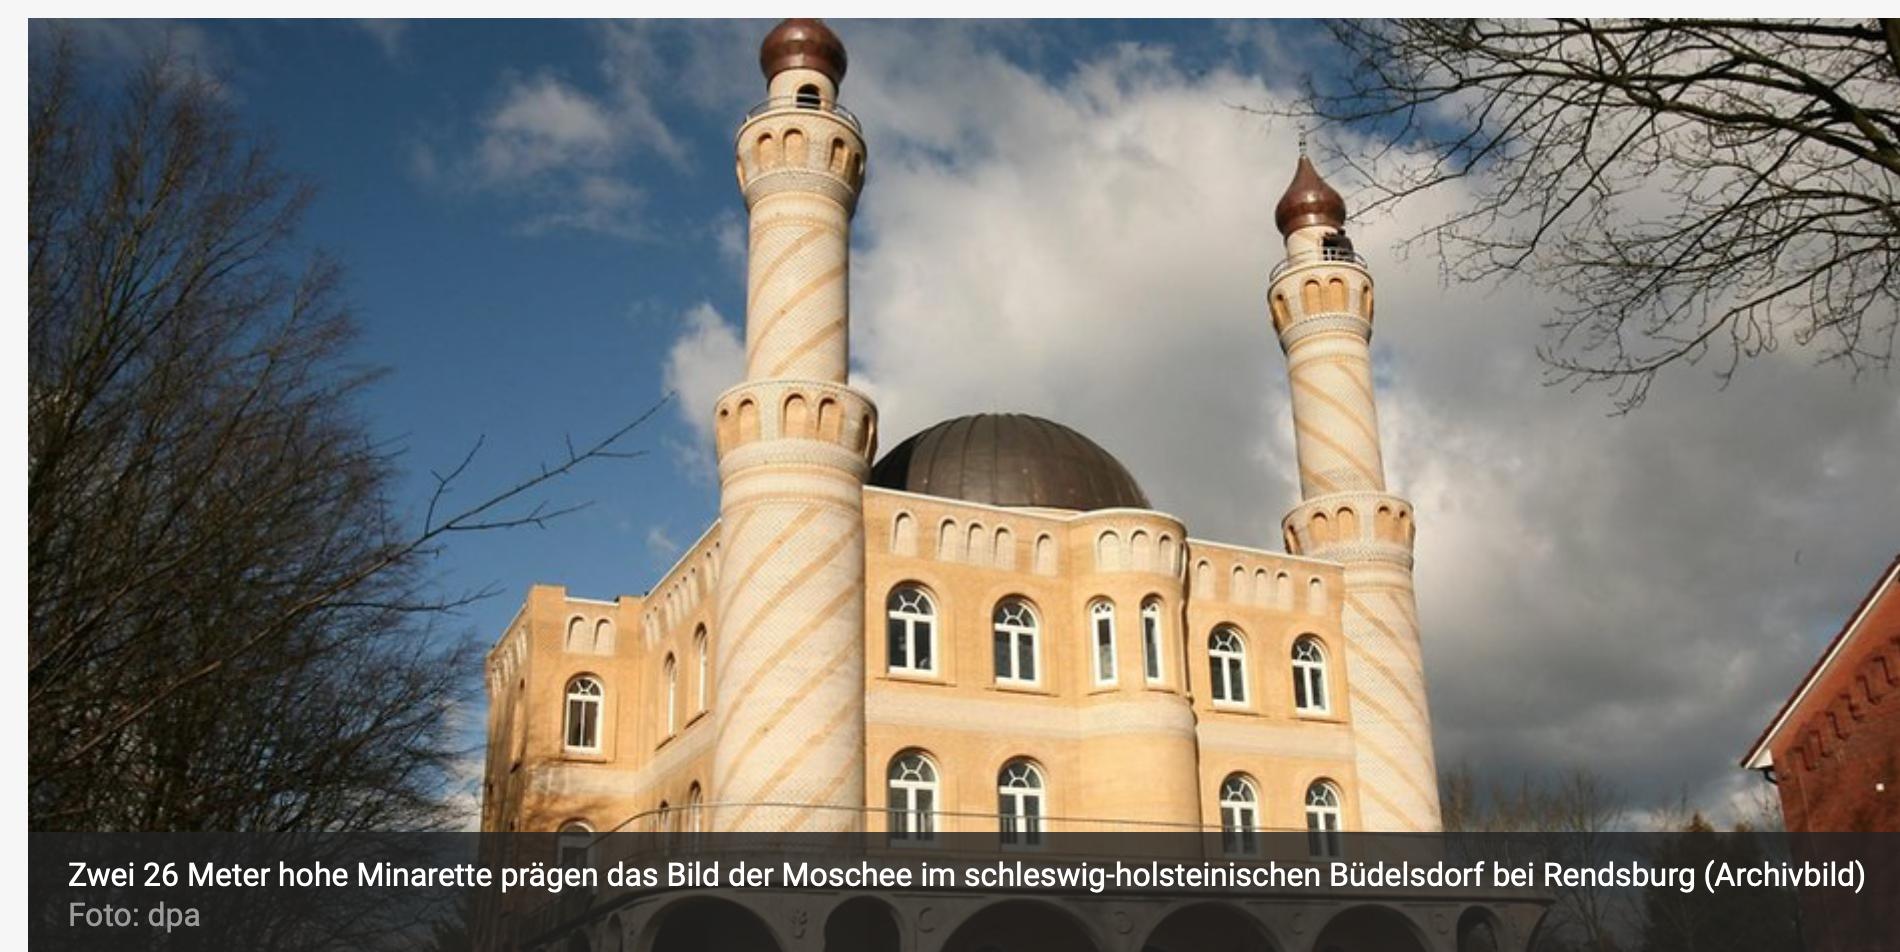 Allemagne : leur fils ne va pas à l'école pour éviter la visite de la mosquée ? Une amende !